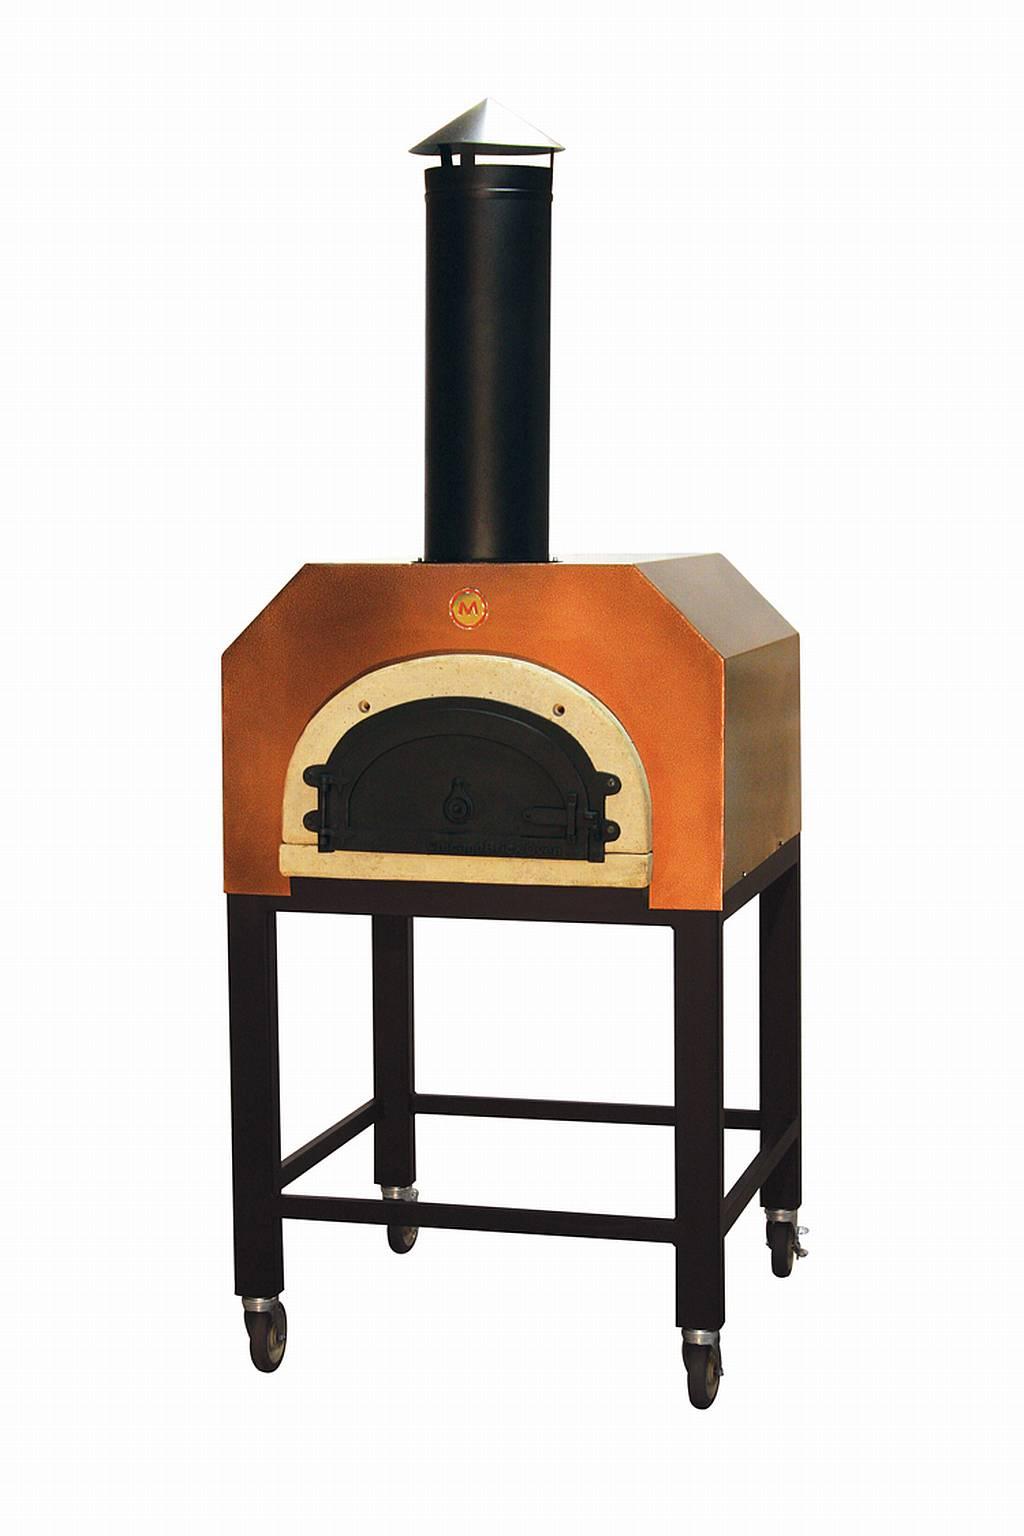 Amici Grande Brick Oven - Amici750